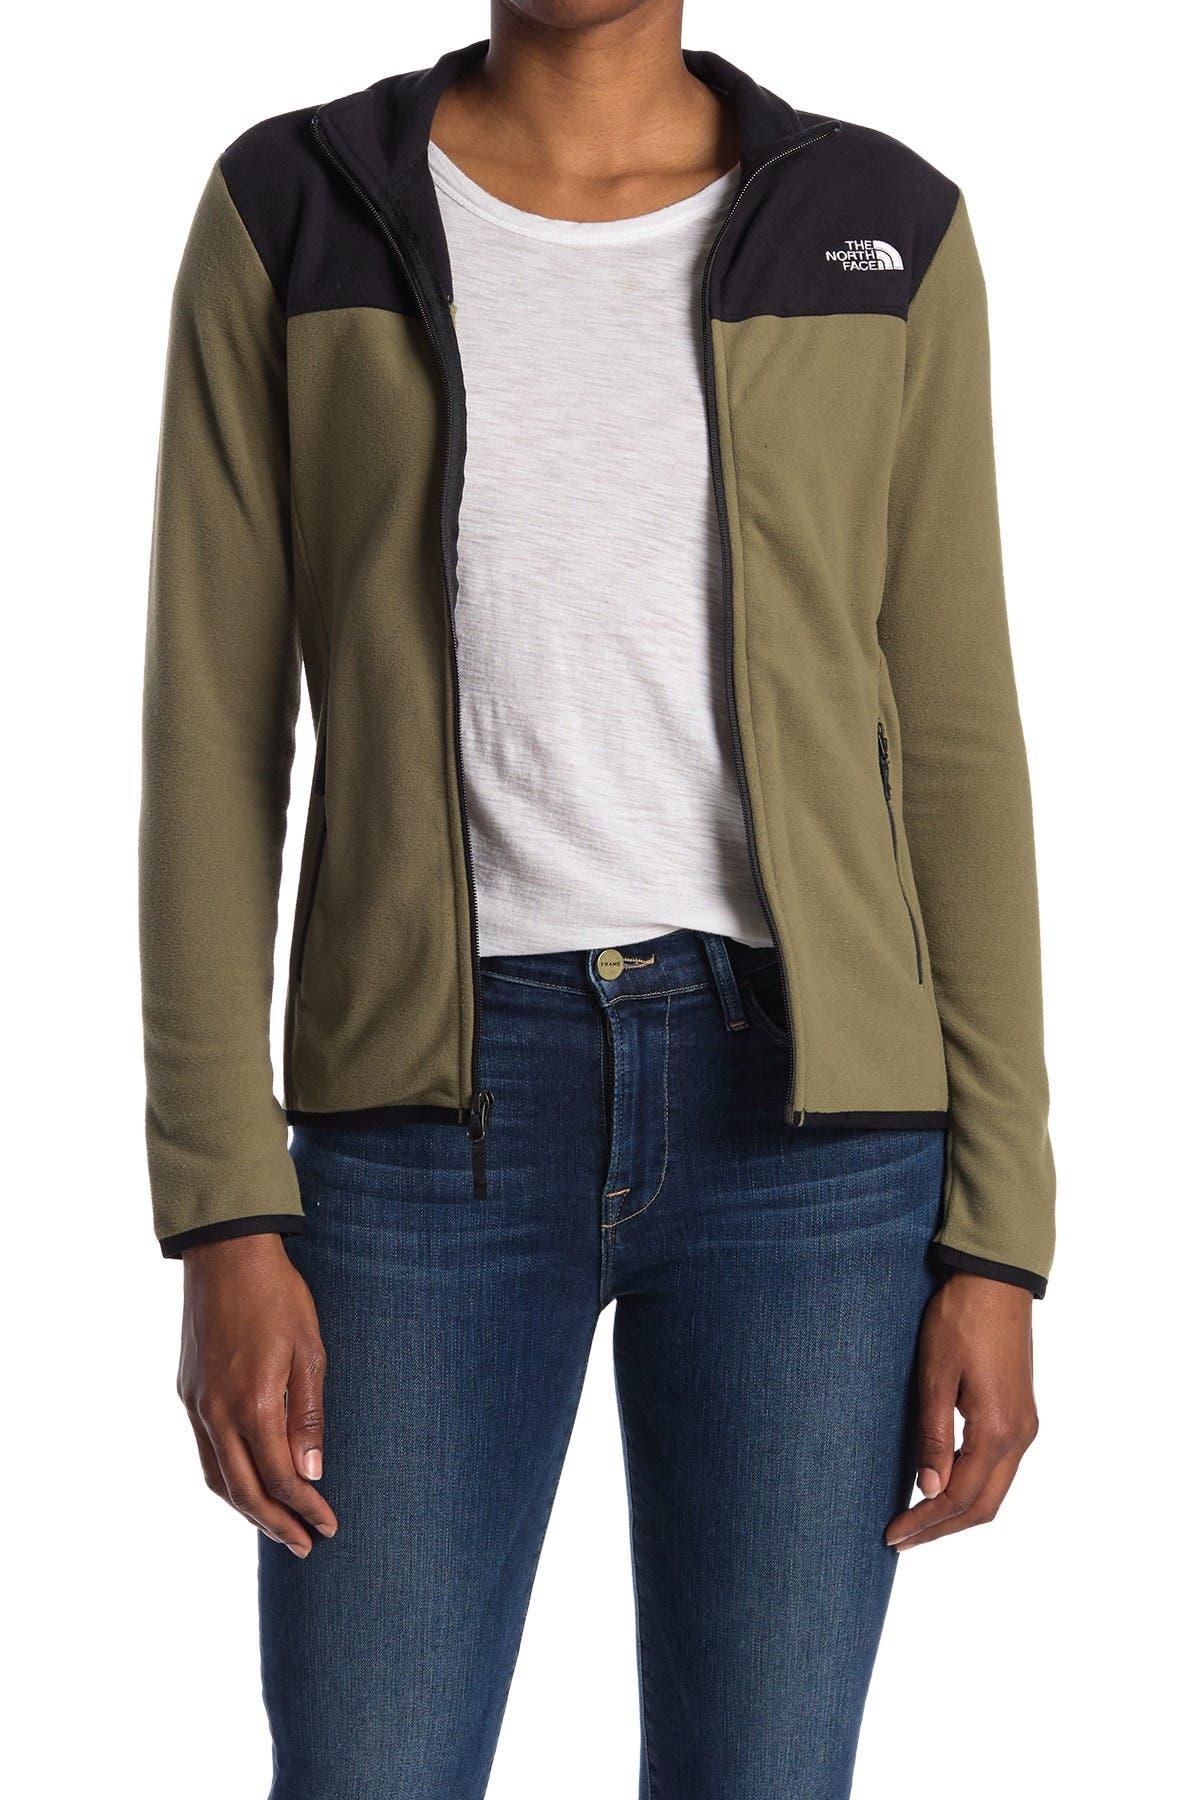 Image of The North Face TKA Glacier Zip Fleece Jacket